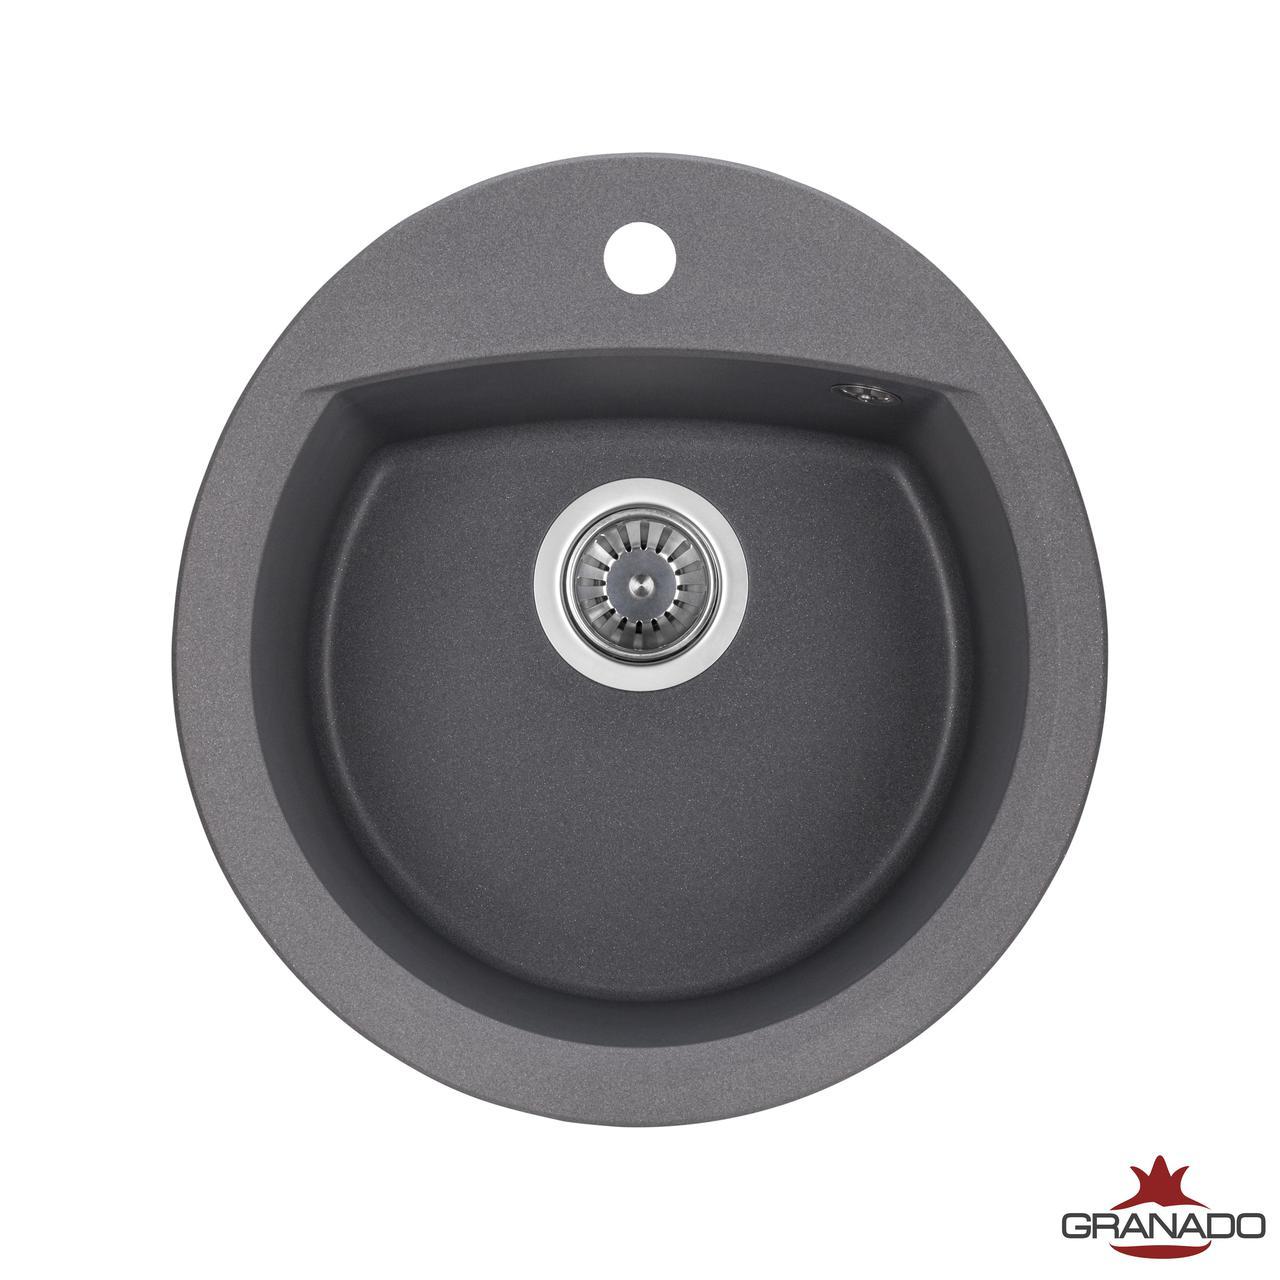 Кухонная гранитная мойка Ronda цвет Grafito круглой формы от производителя Granado